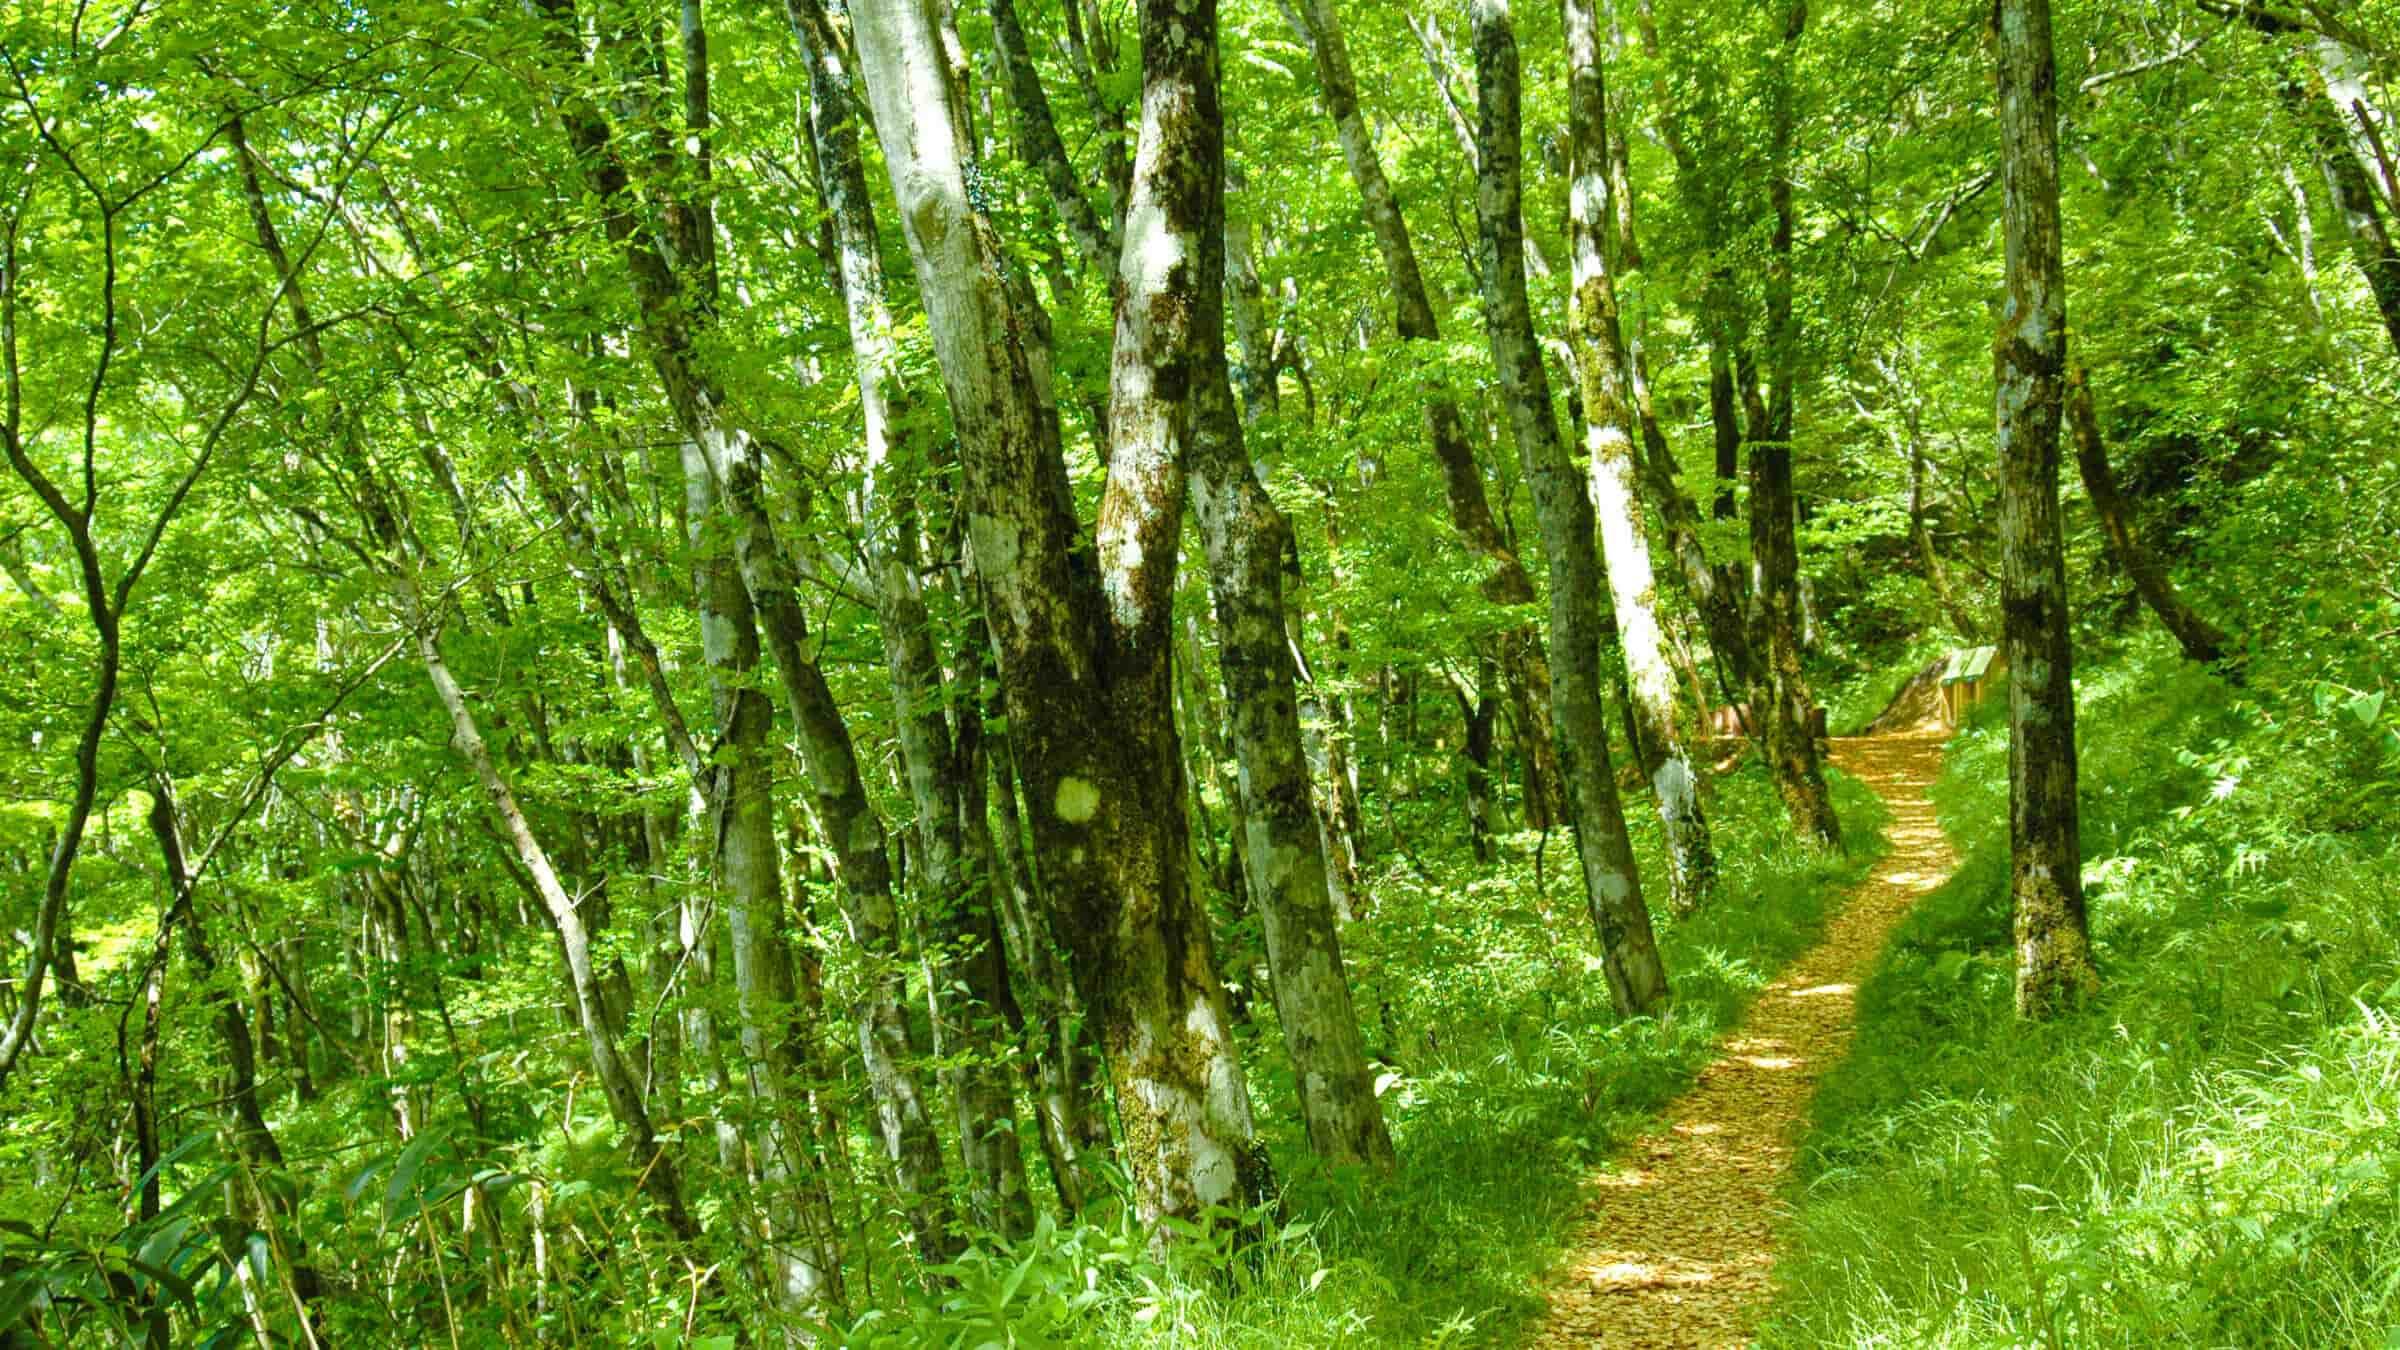 セラピーロードをのんびり散策。避暑地散歩で癒される。